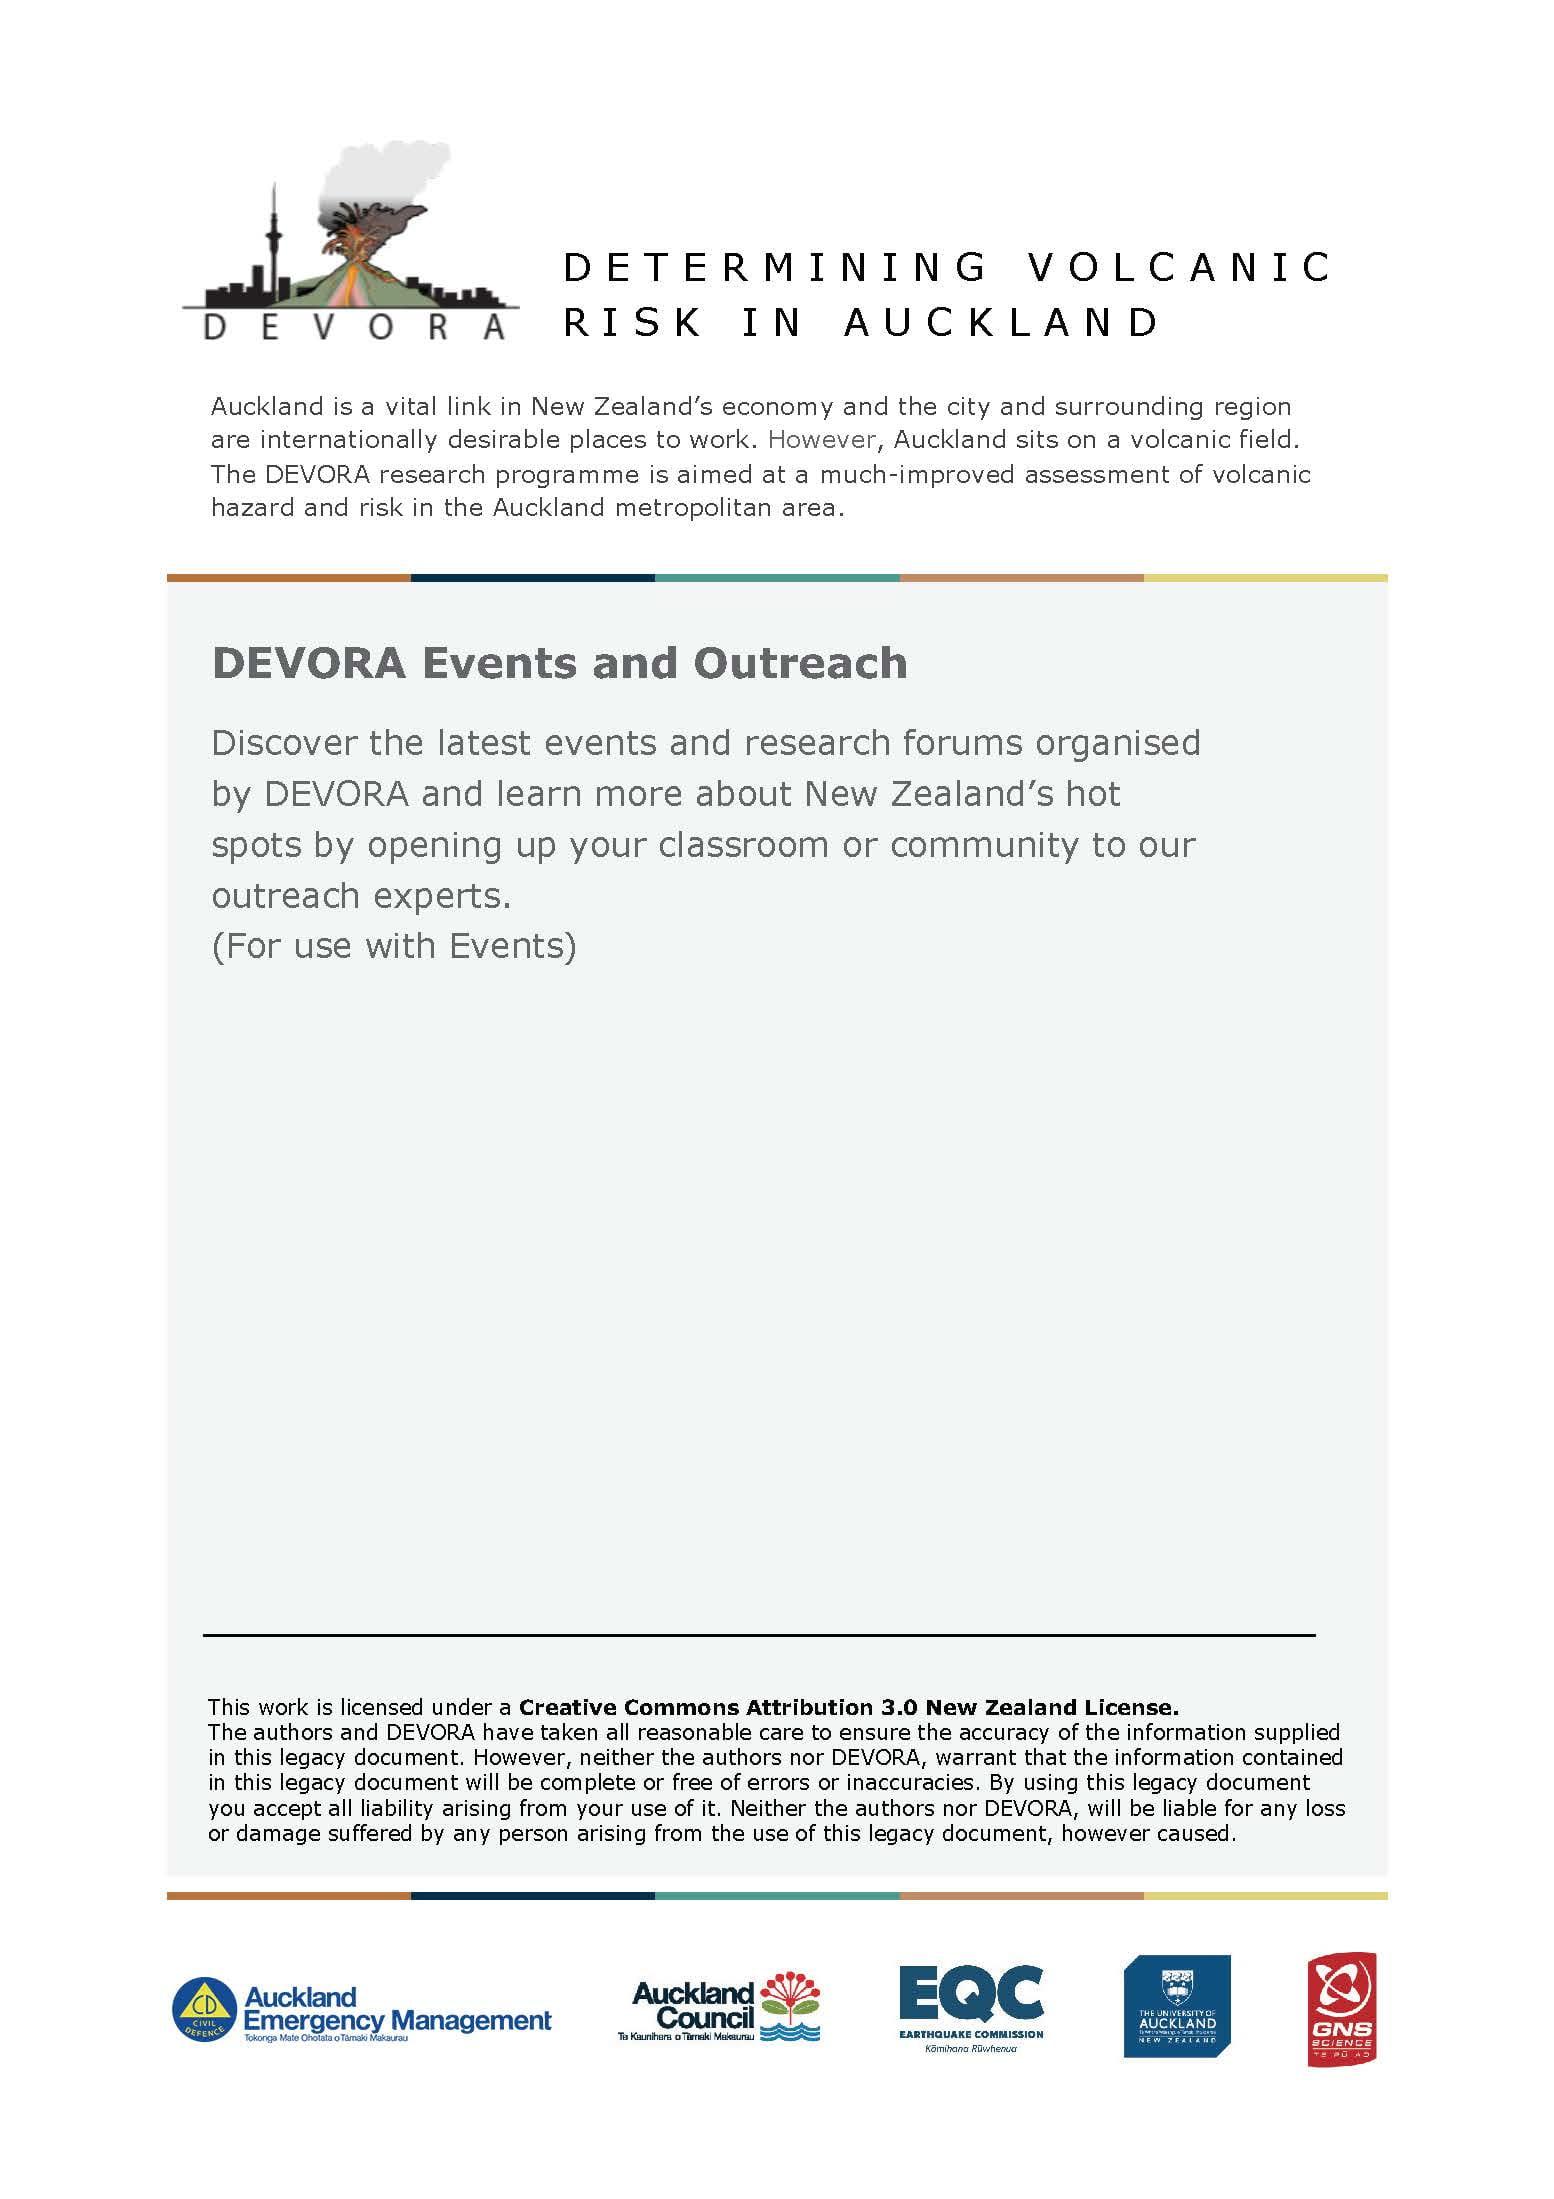 DEVORA Events and Outreach Cover